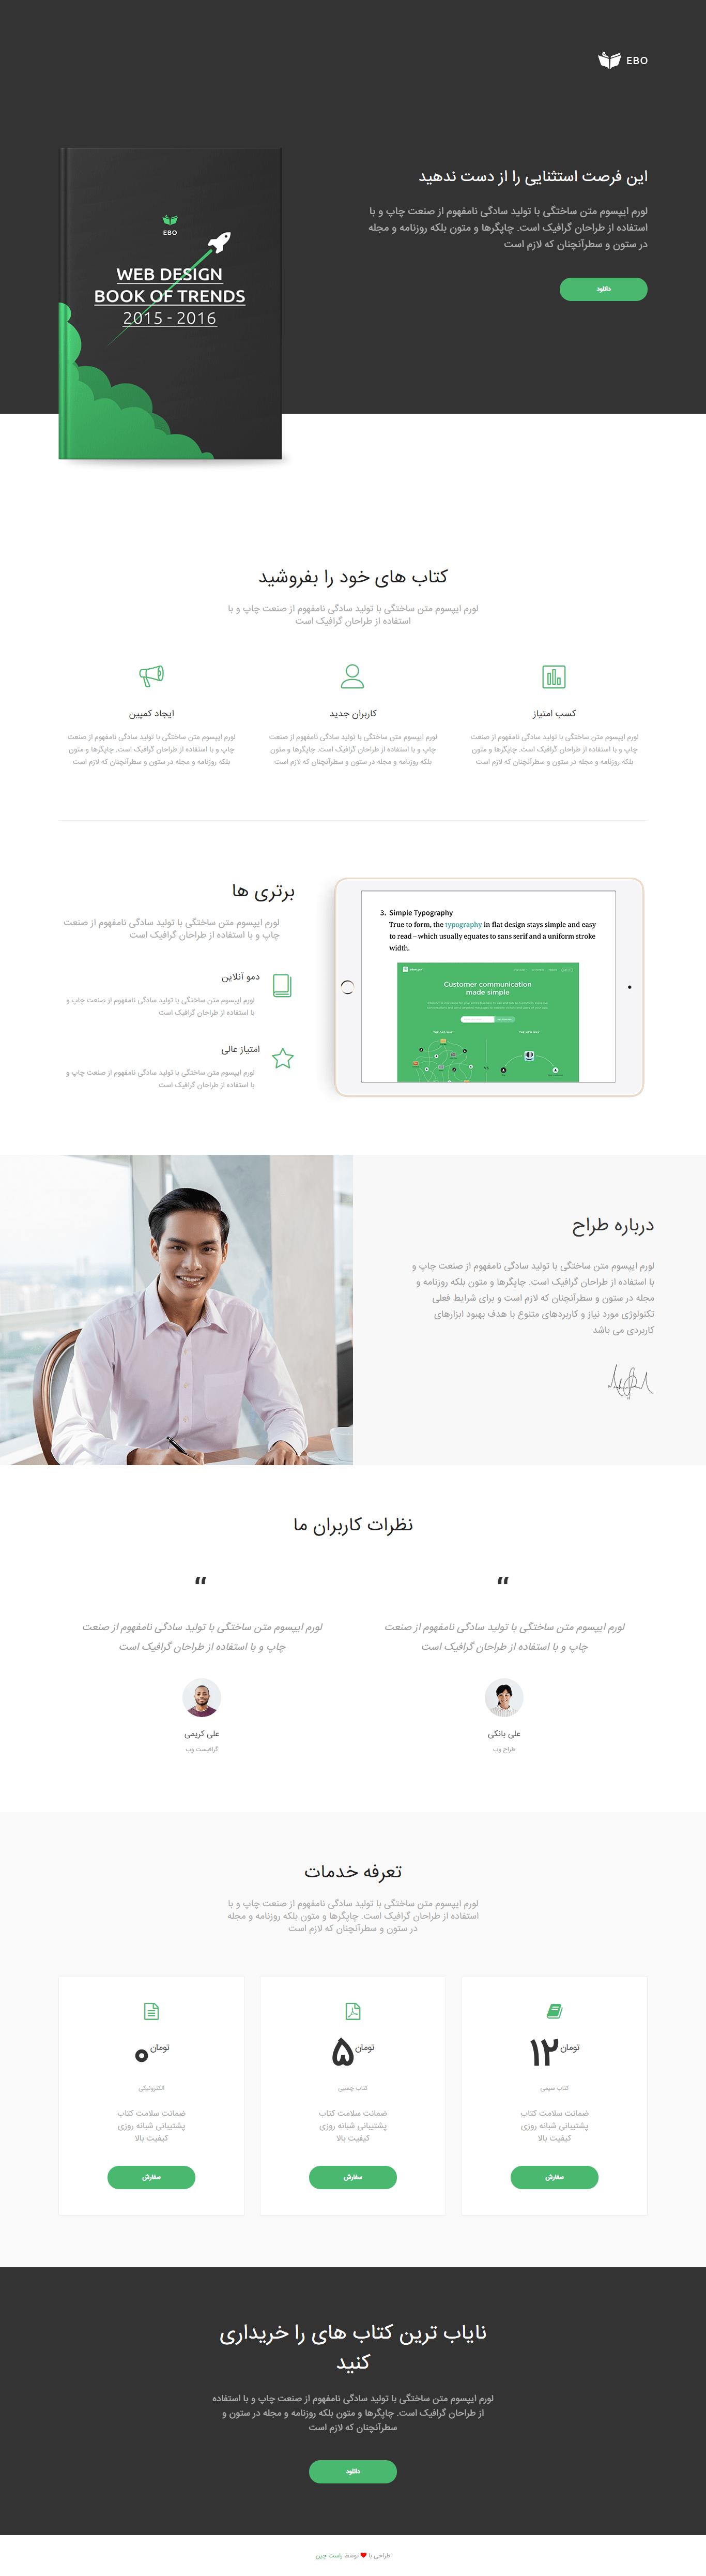 لندینگ پیج ebo | پوسته HTML فروش کتاب ایبو